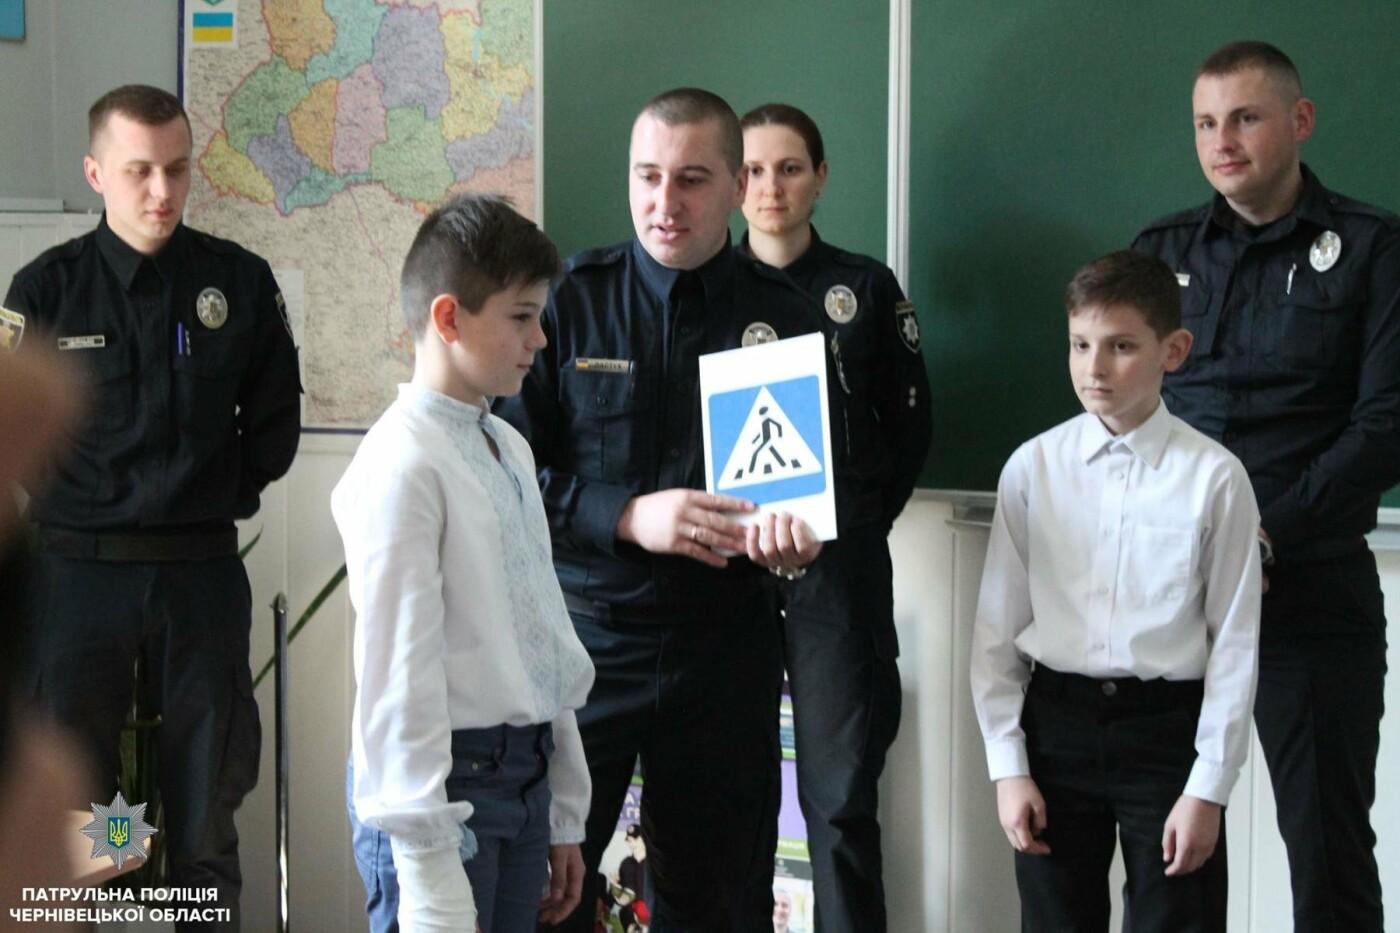 Шкільні офіцери поліції відтепер працюватимуть і у Чернівцях, фото-2